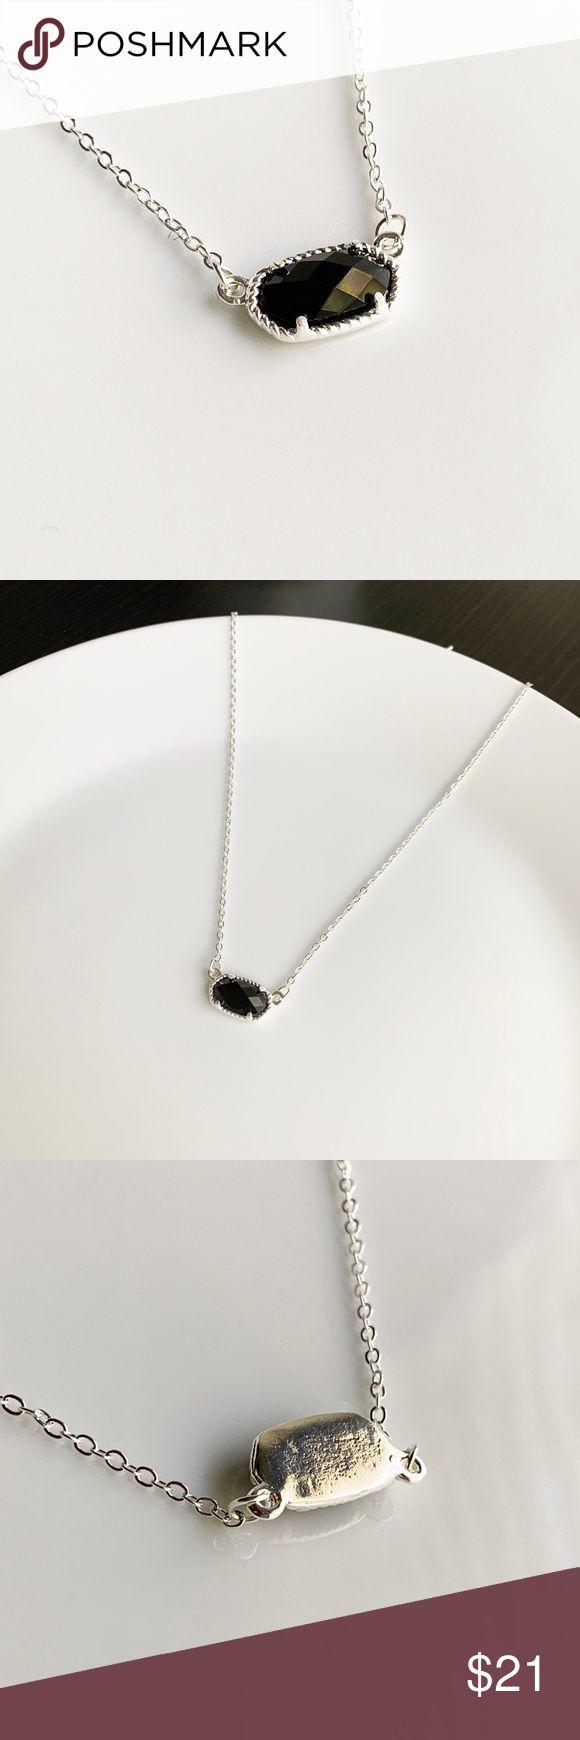 NEUE kleine ovale Halskette (silber + schwarz) Kategorie: Modeschmuck Kettenlänge …